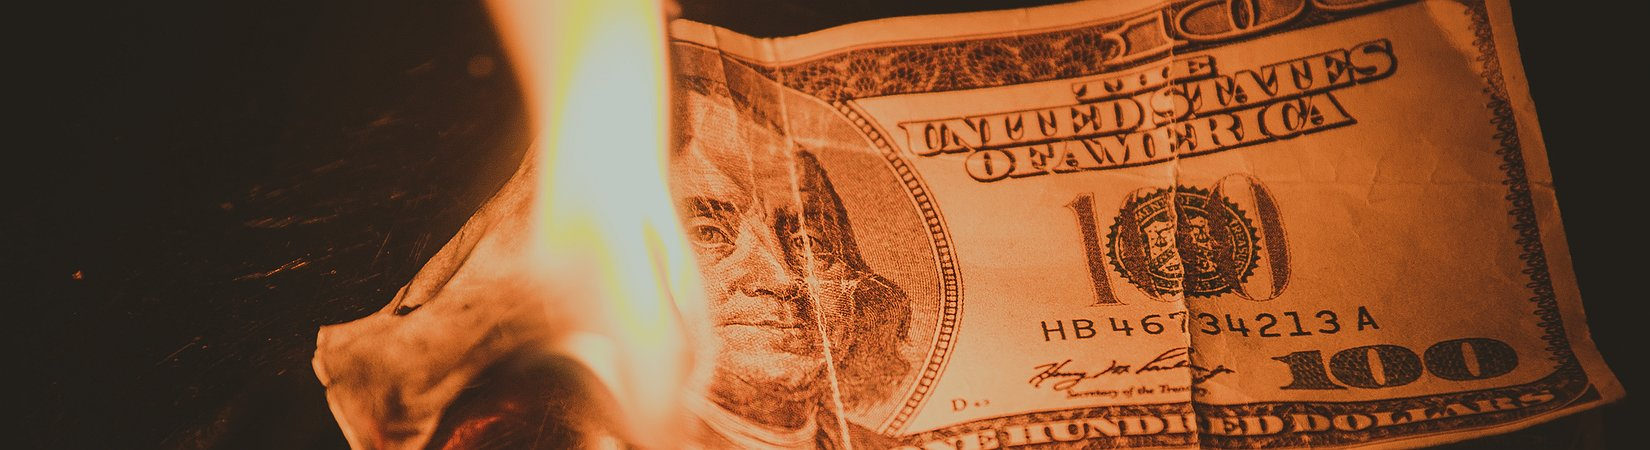 2 Ações que poderão prejudicar os investidores